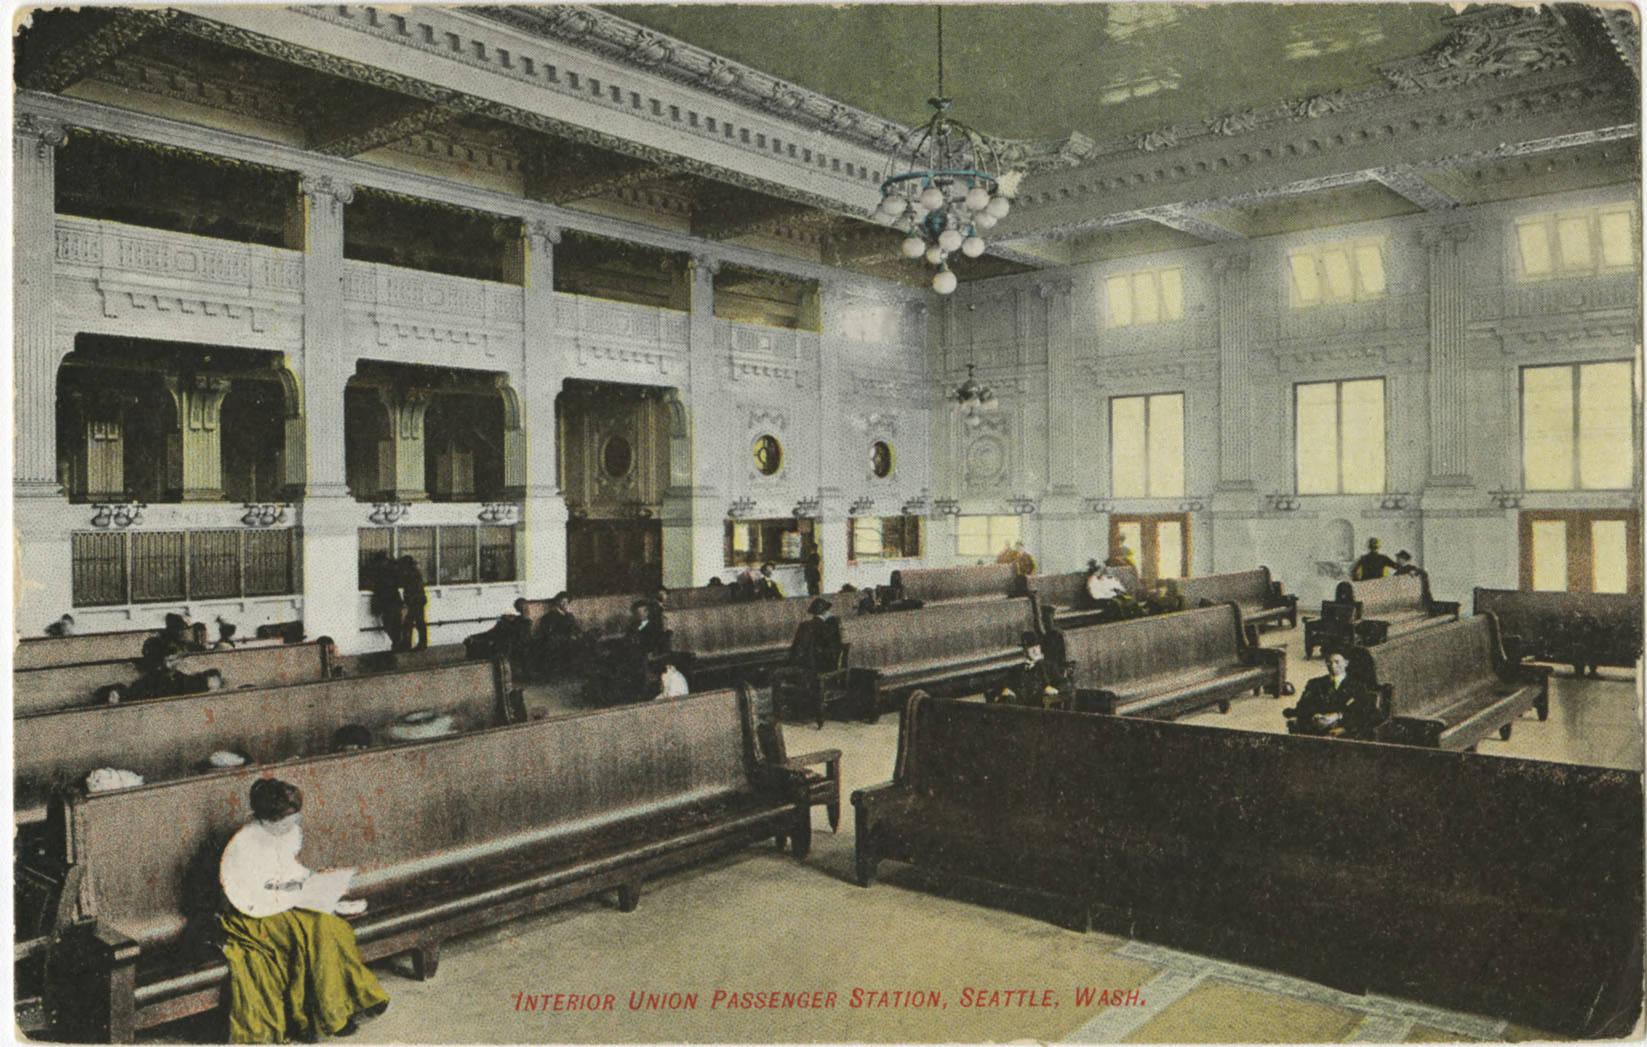 King Street Station interior, ca. 1906